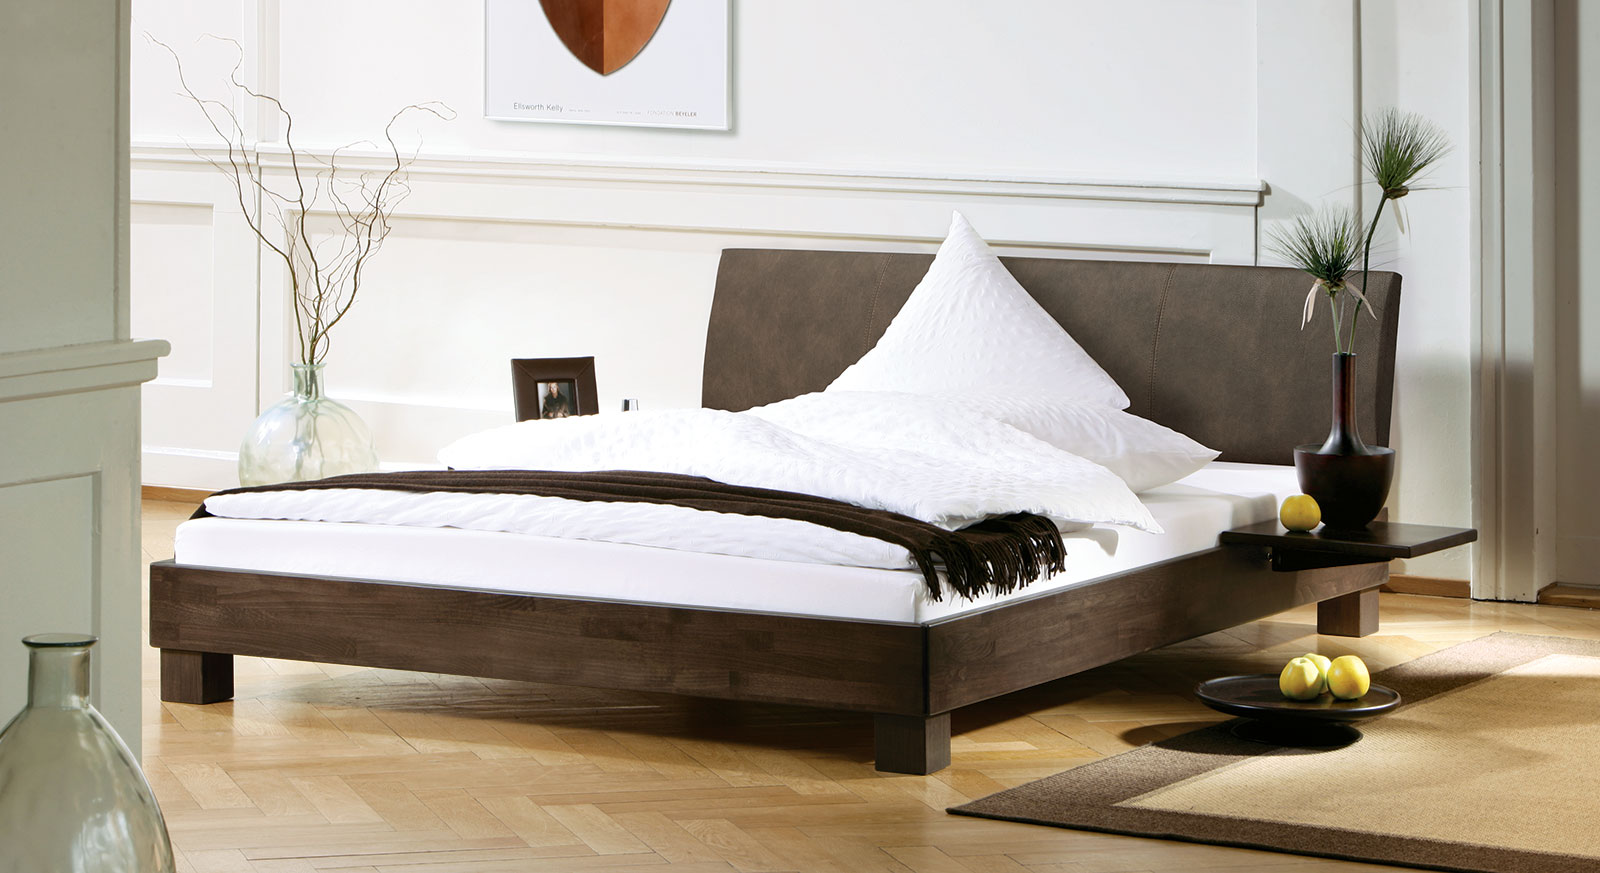 Full Size of Schüco Fenster Kaufen Betten Ikea 160x200 Sofa Günstig Ohne Kopfteil Amerikanische Dico Französische Velux Bett 180x200 Ottoversand Aus Holz Günstige Bett Günstig Betten Kaufen